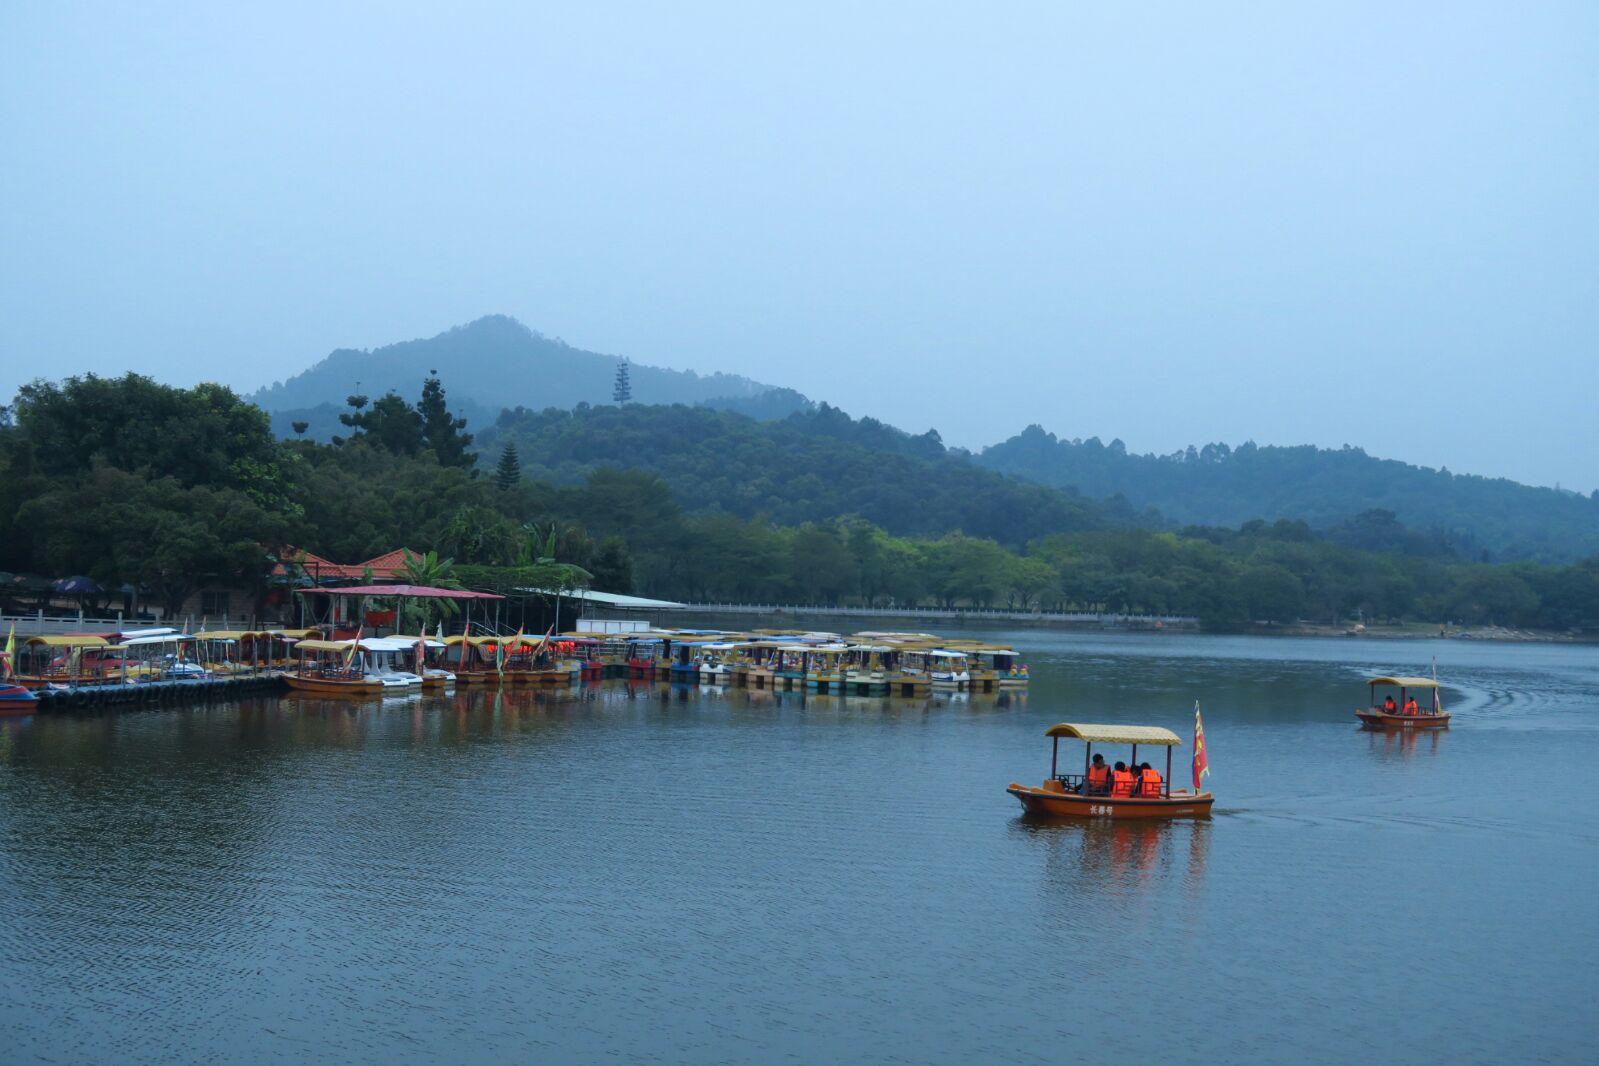 广州大夫山森林公园好玩吗,广州大夫山森林公园景点样图片